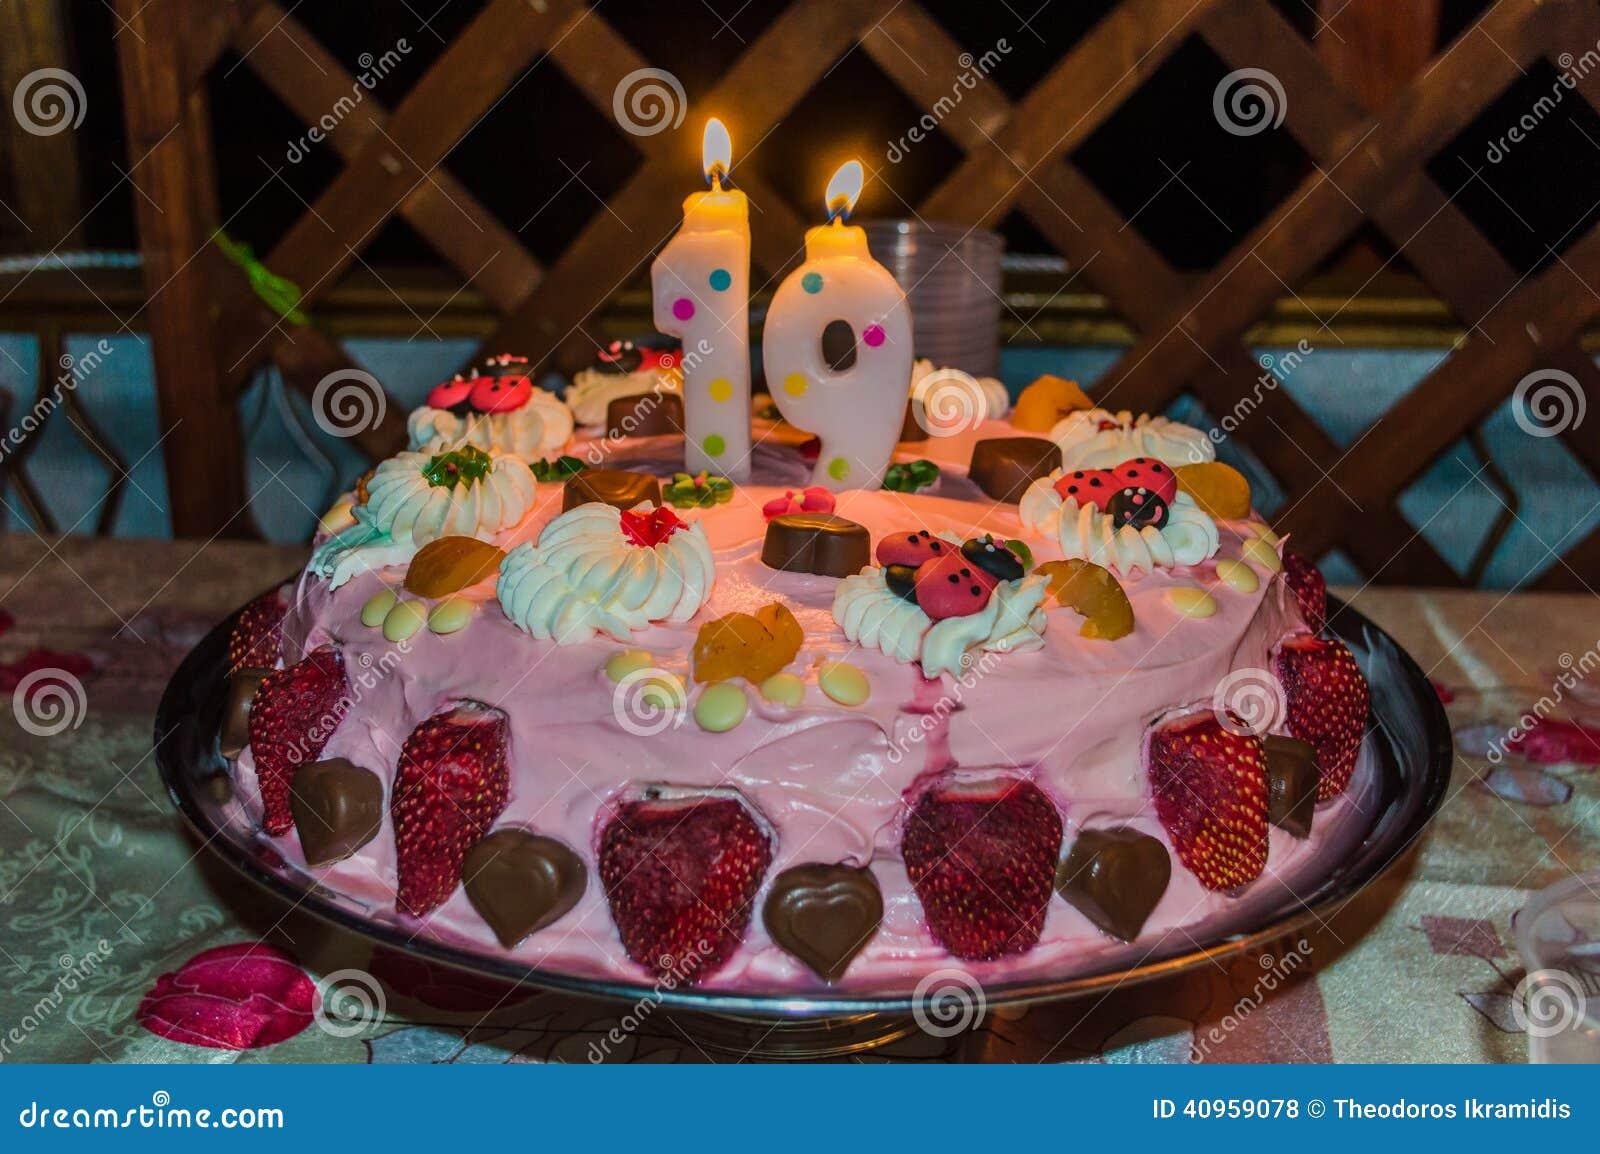 Joyeux Anniversaire Photo Stock Image Du Home Frais 40959078